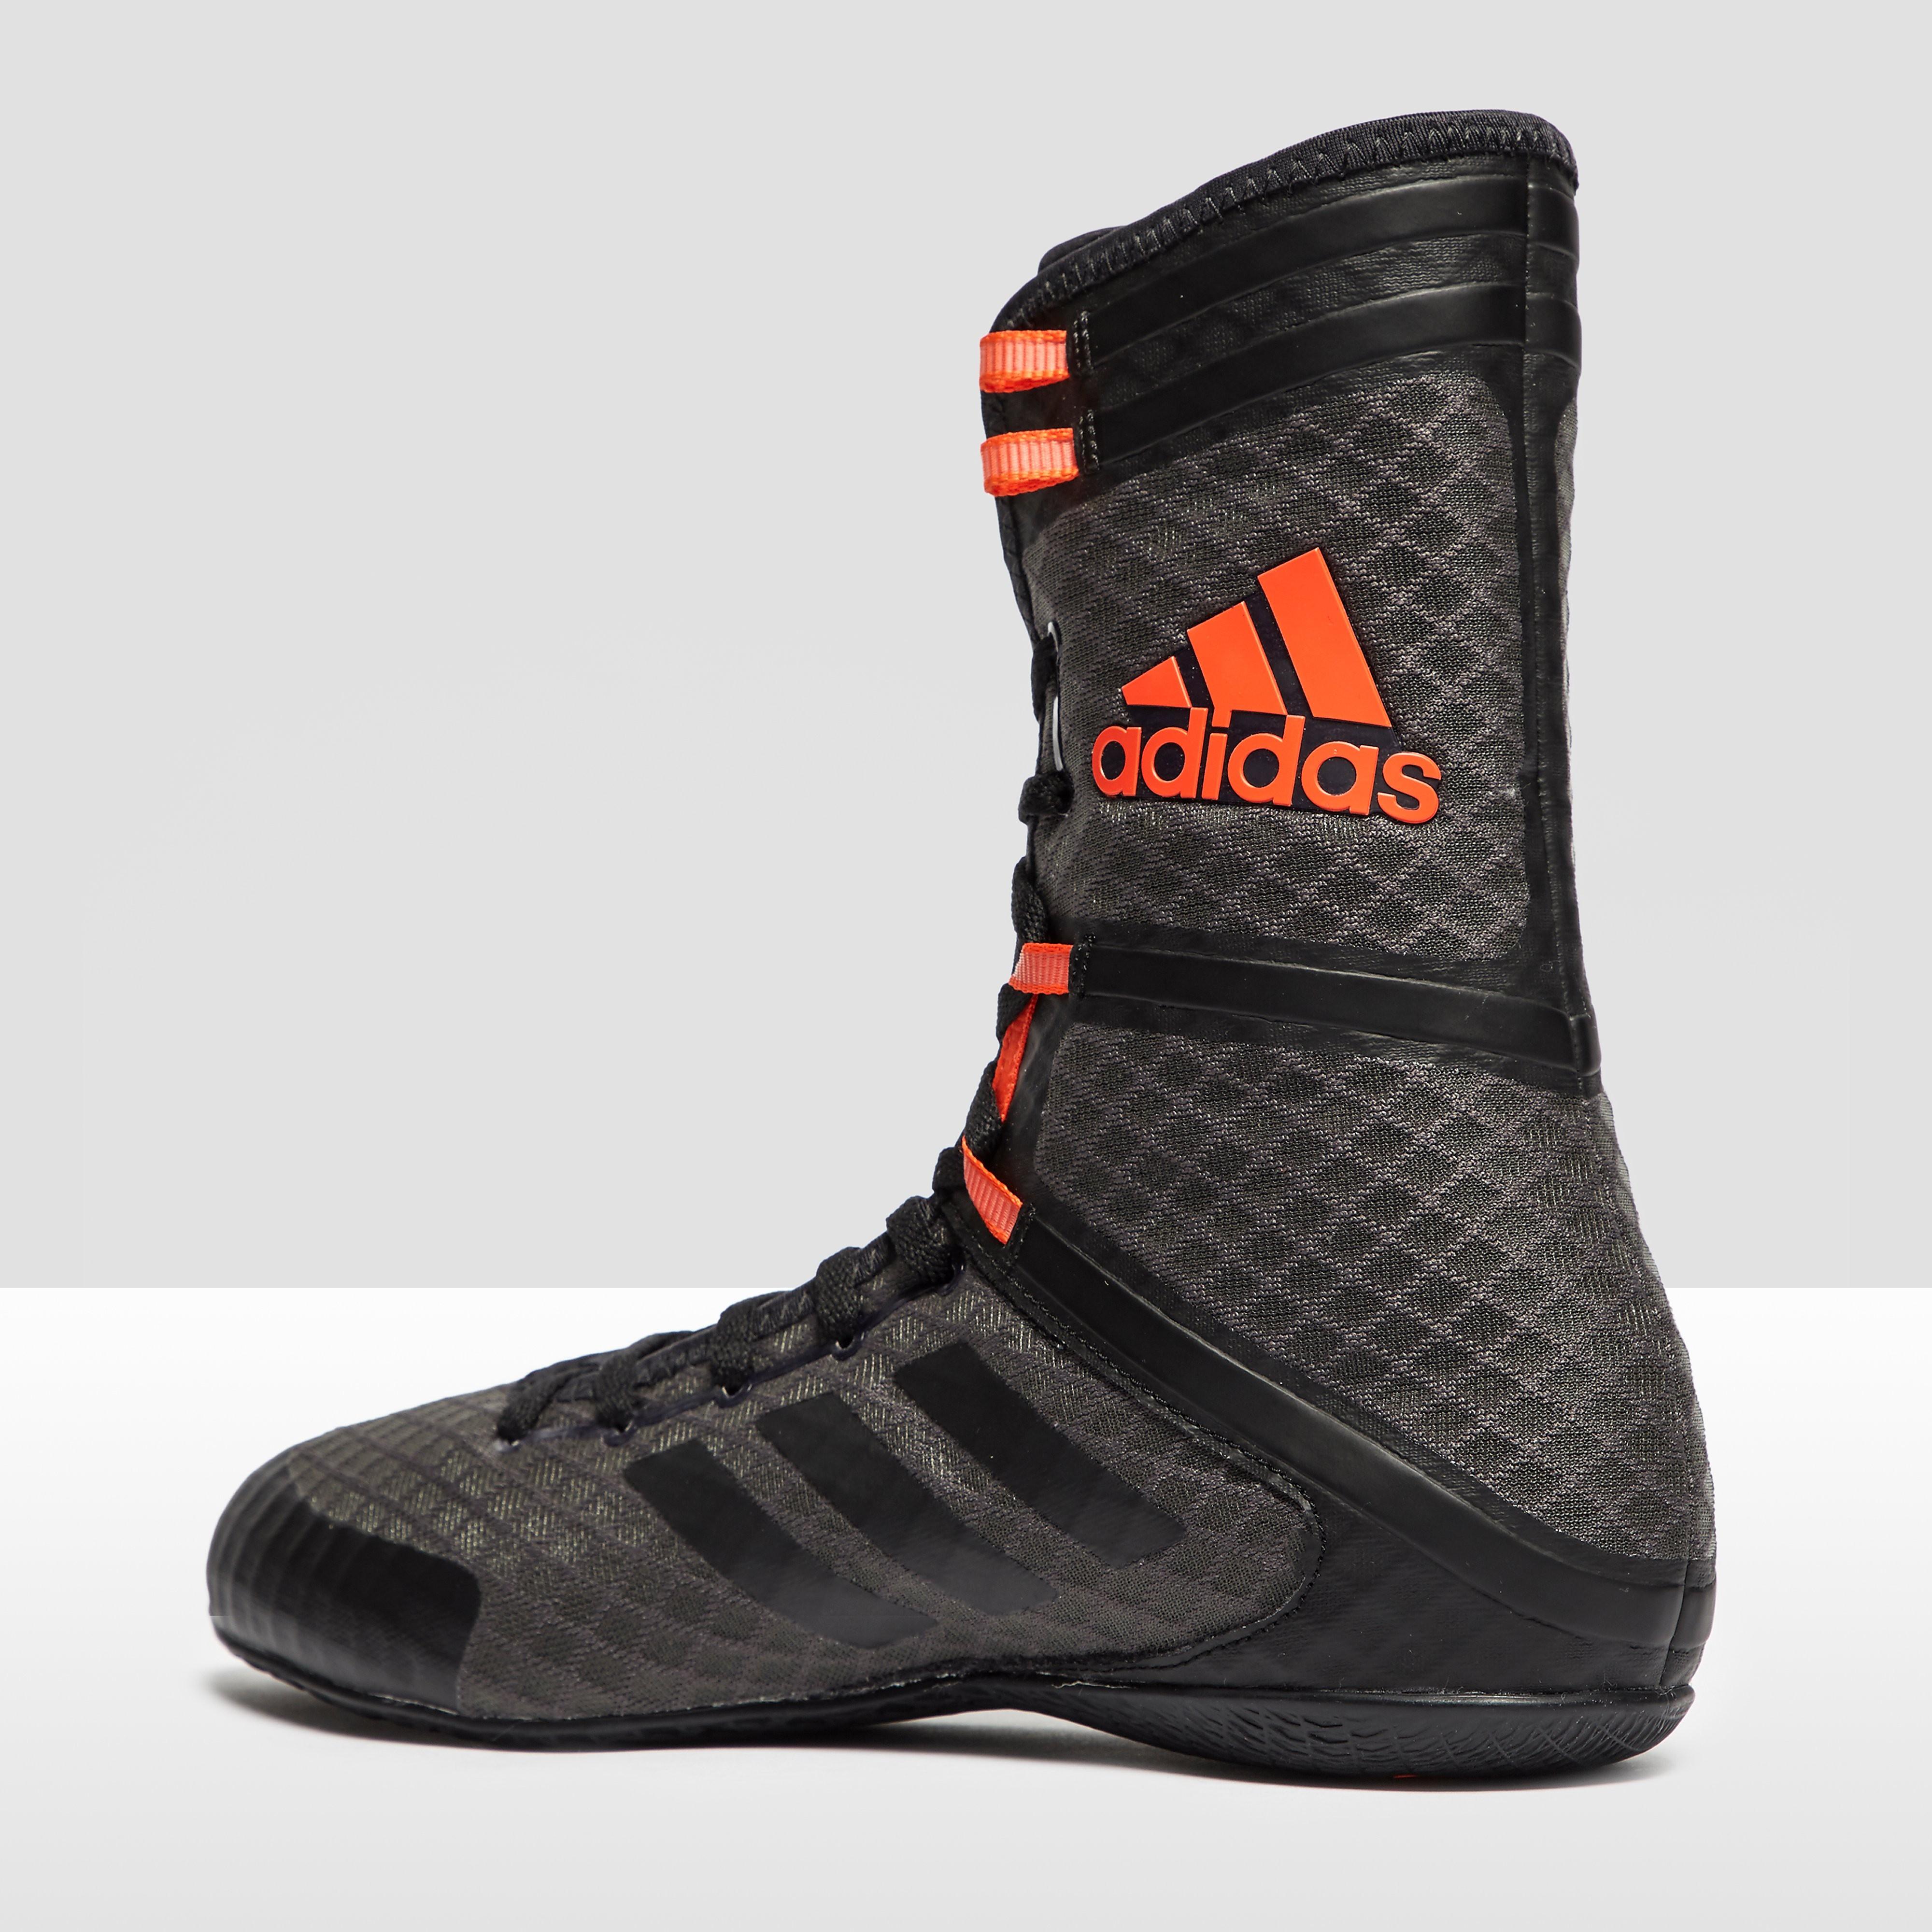 adidas Speedex 16.1 HC Men's Boxing Shoes